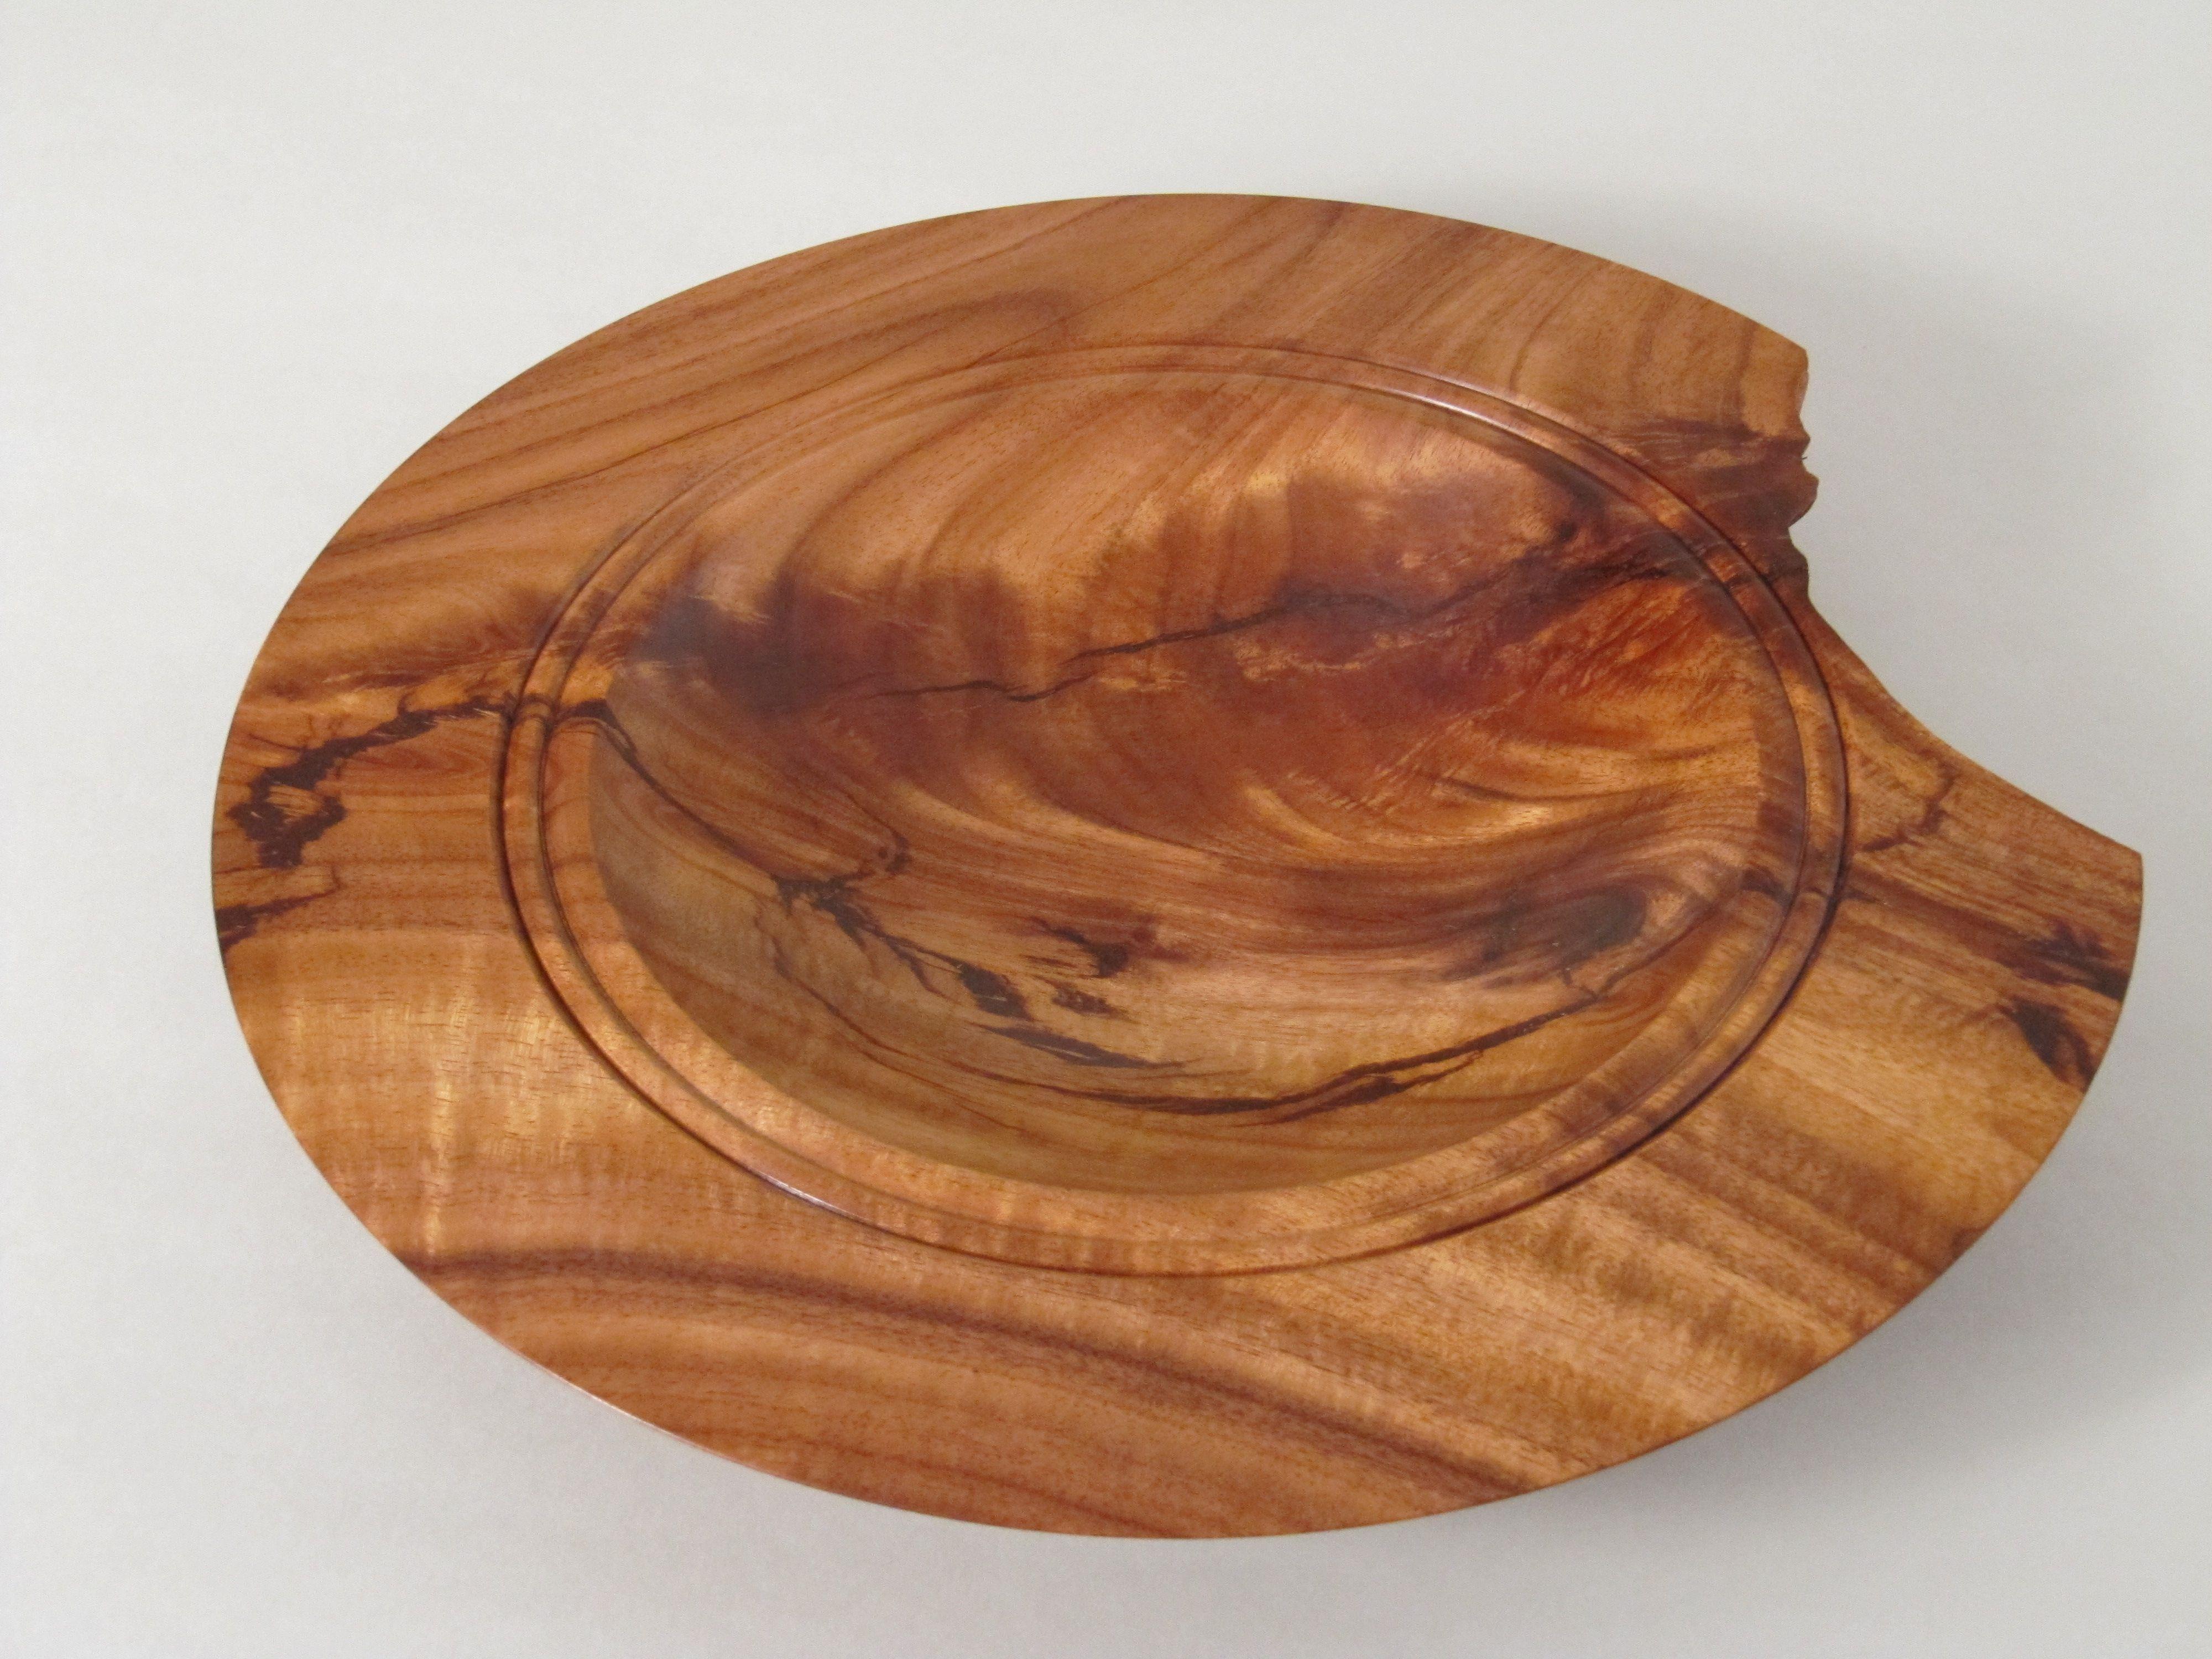 Formosa Koa Rocking Bowl Wood Turner Wood Bowls Wood Lathe